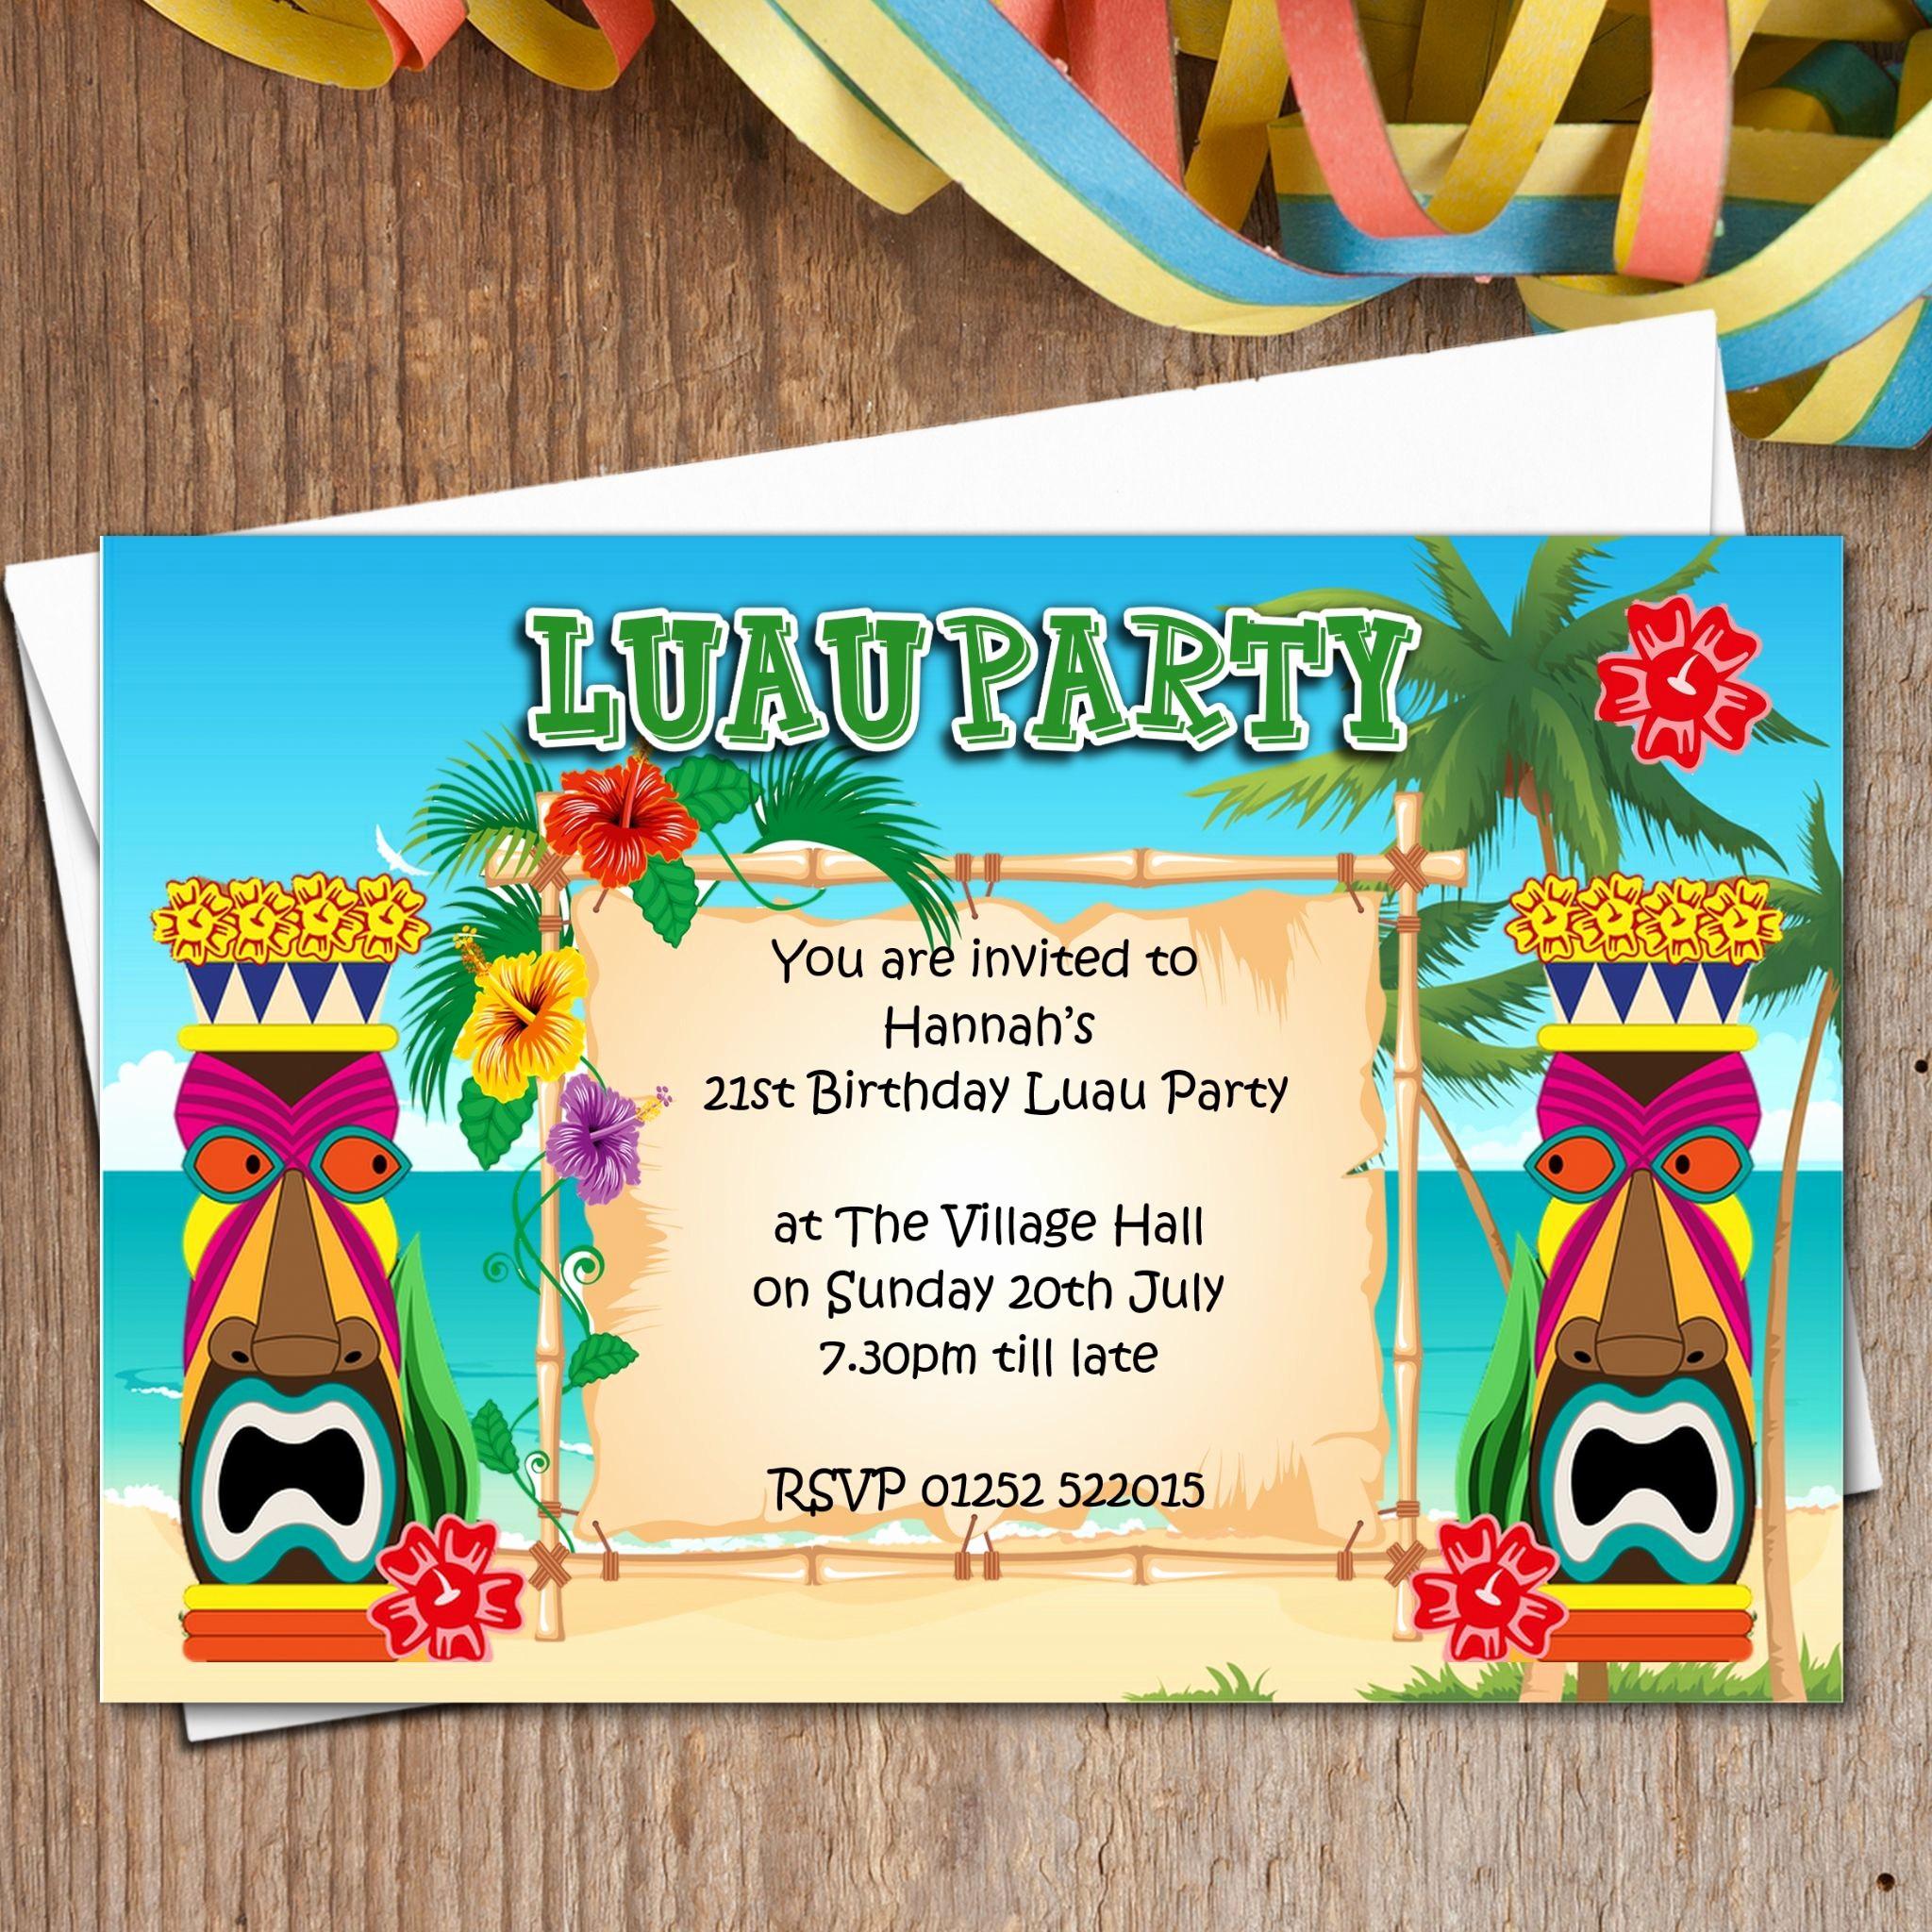 Hawaiian theme Party Invitations Printable Luxury 5 Impactful Hawaiian theme Party Invitations